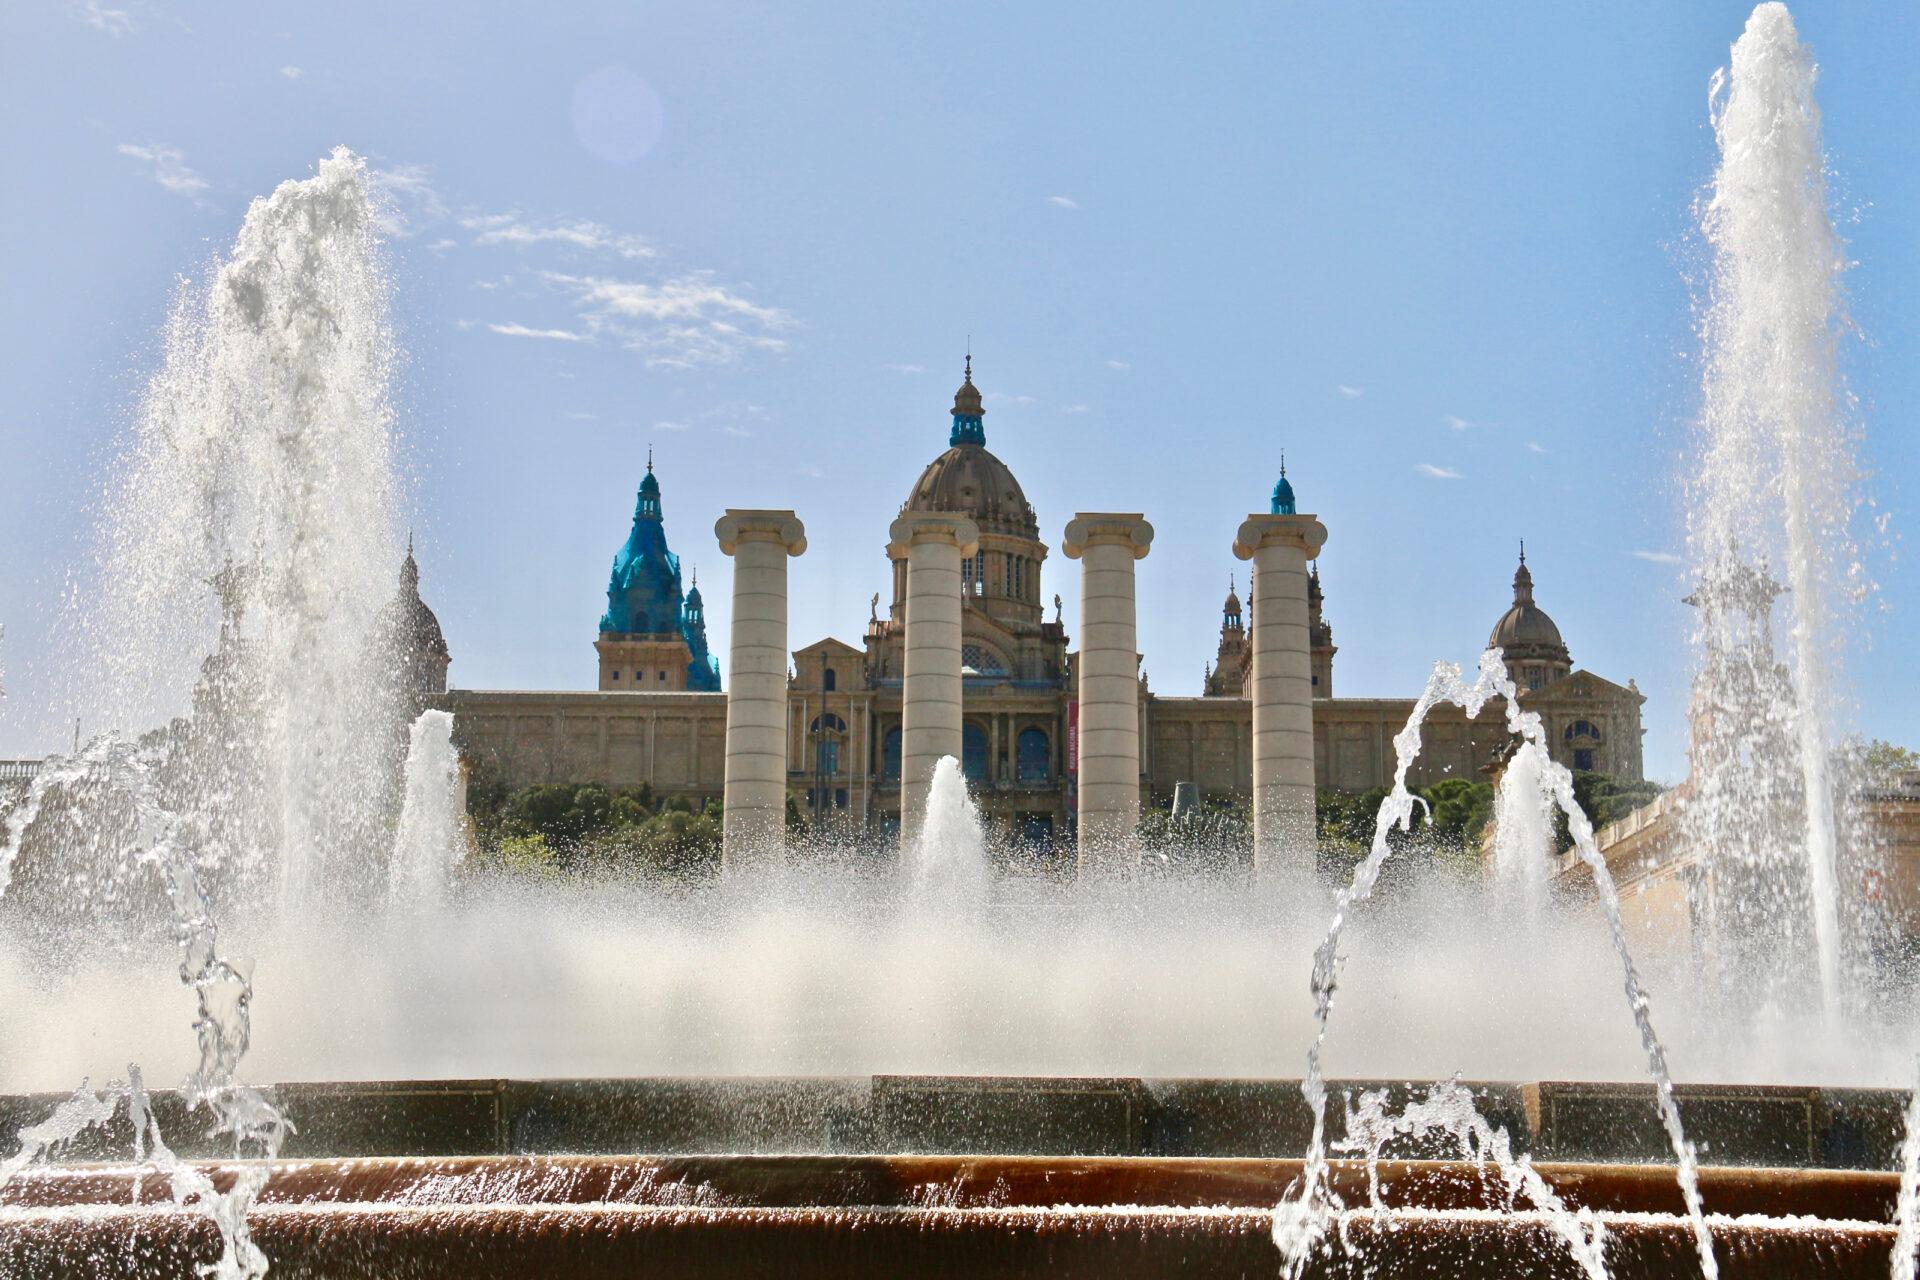 Был такой конкурс «Испанские каникулы»))) Монтжуик, площадь Испании инемного протеста.